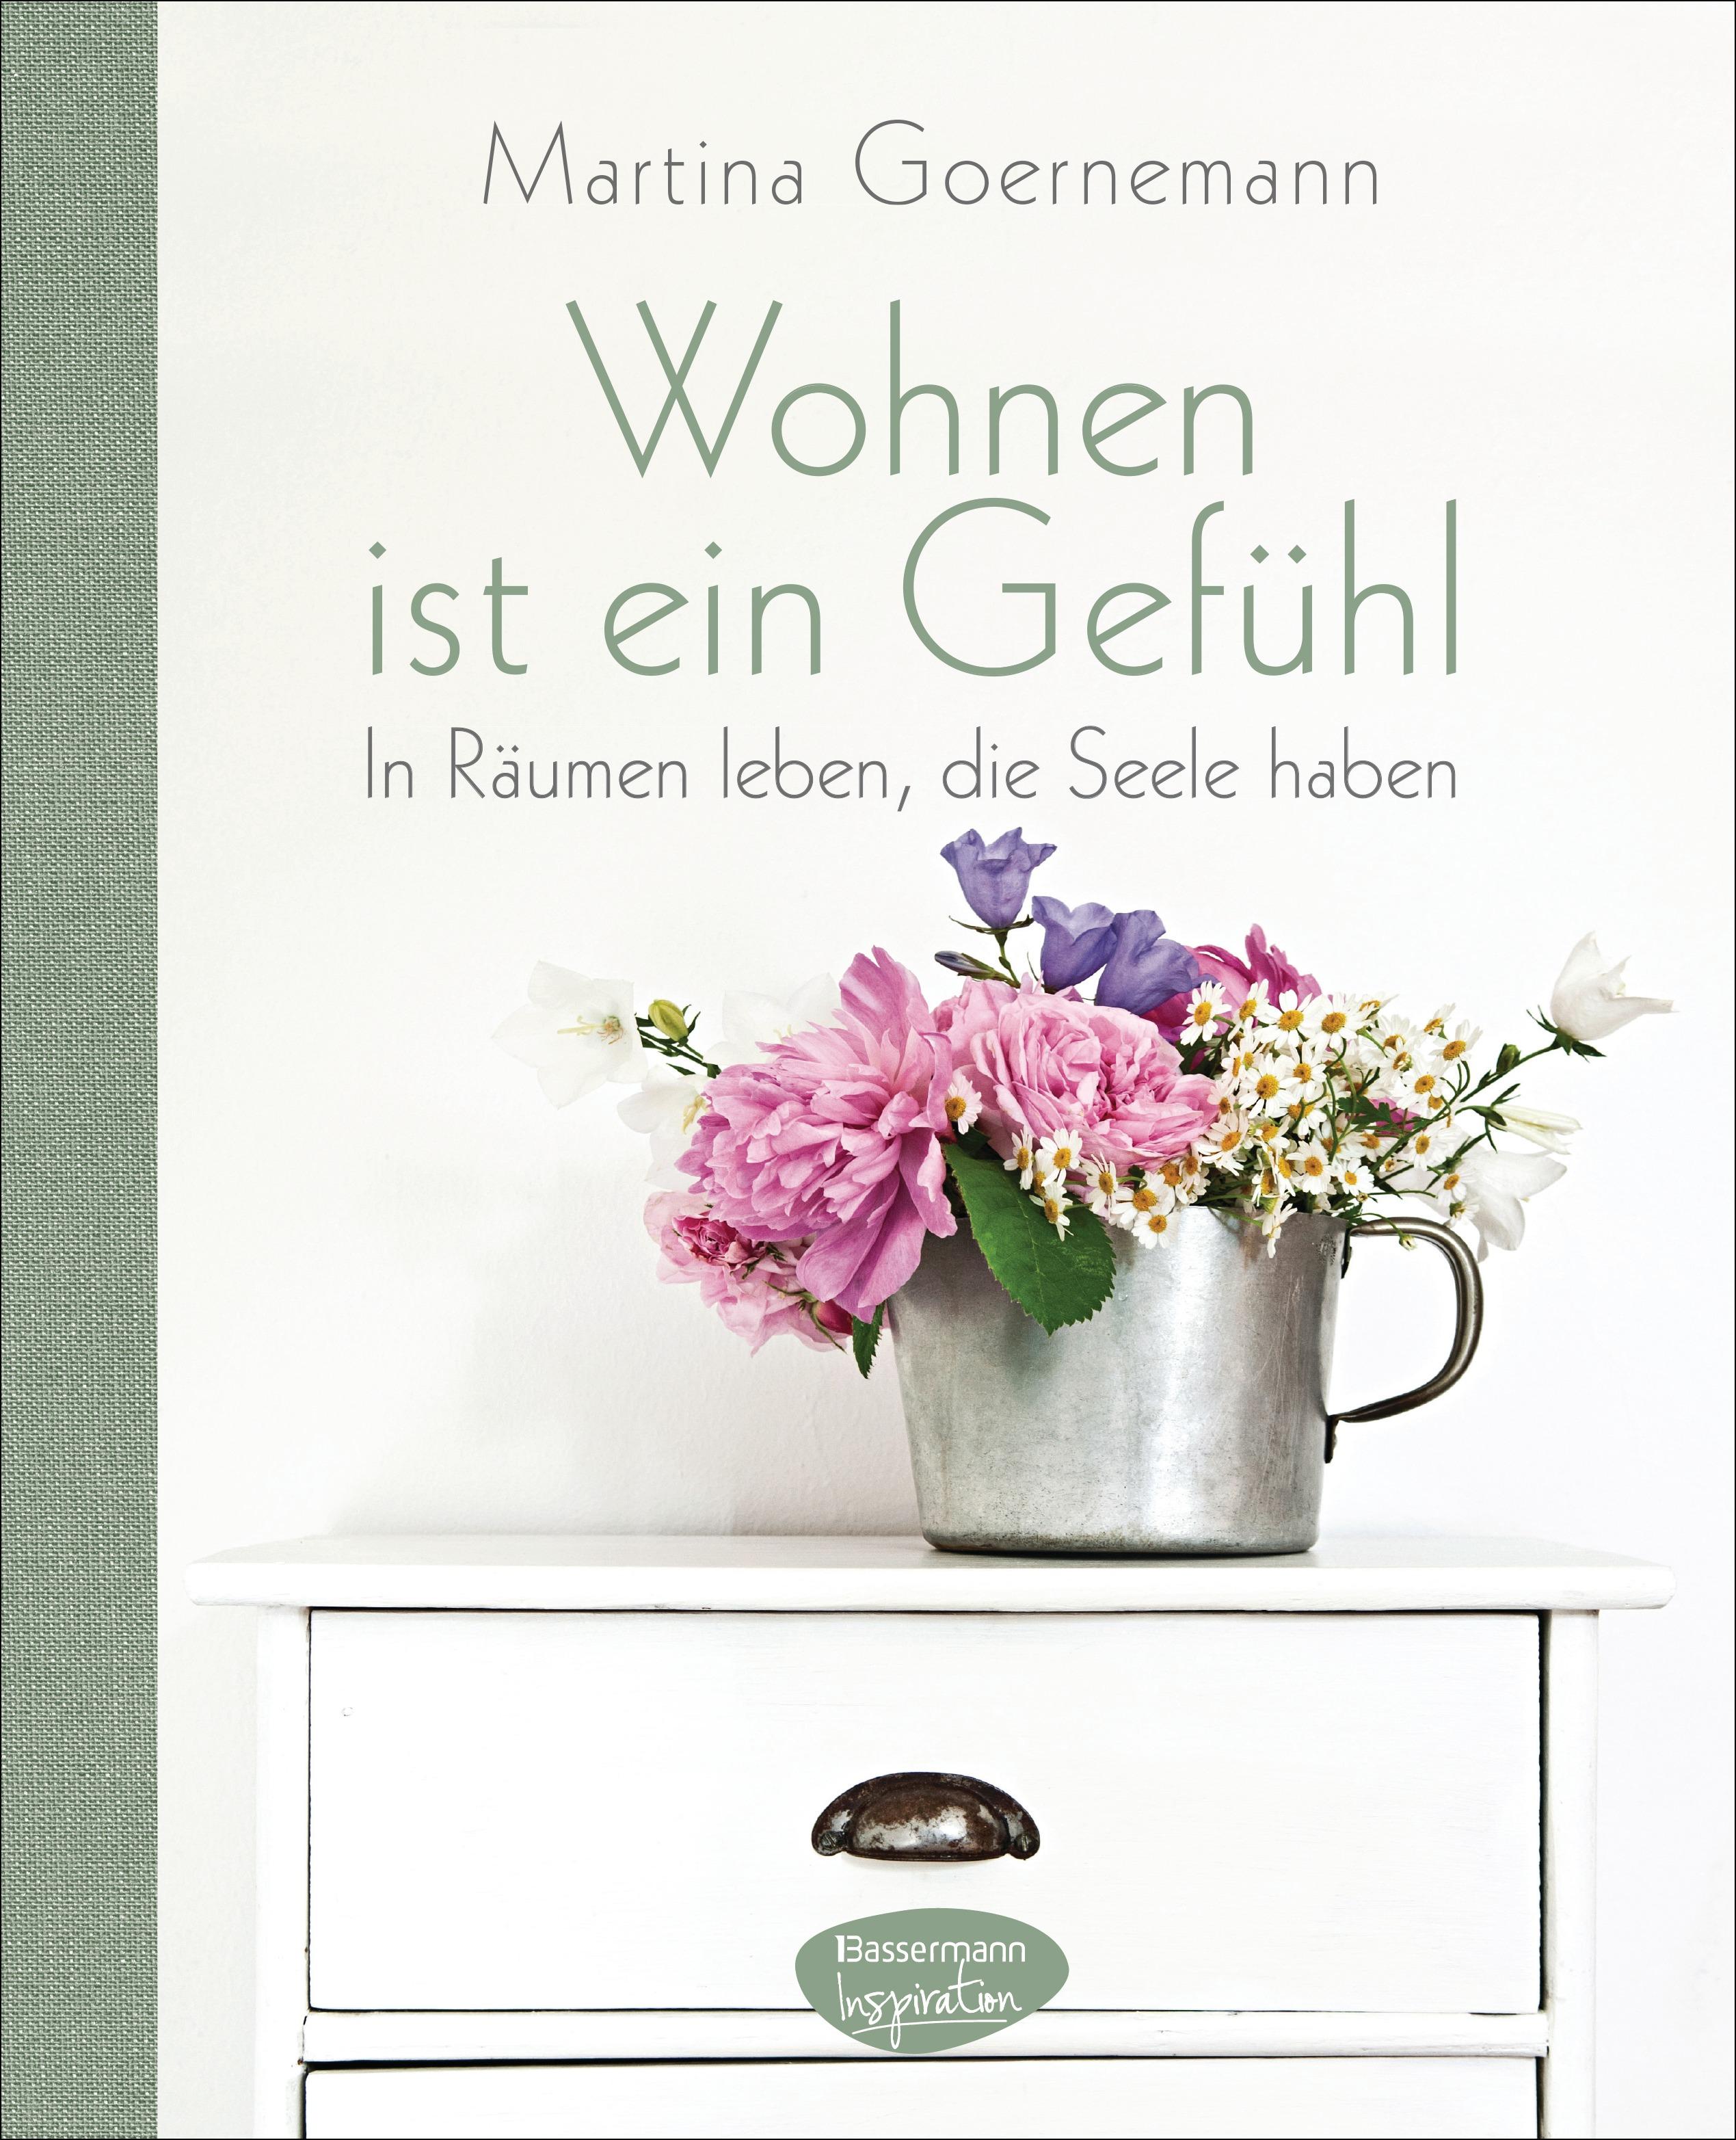 Wohnen ist ein Gefühl: In Räumen leben, die Seele haben - Martina Goernemann